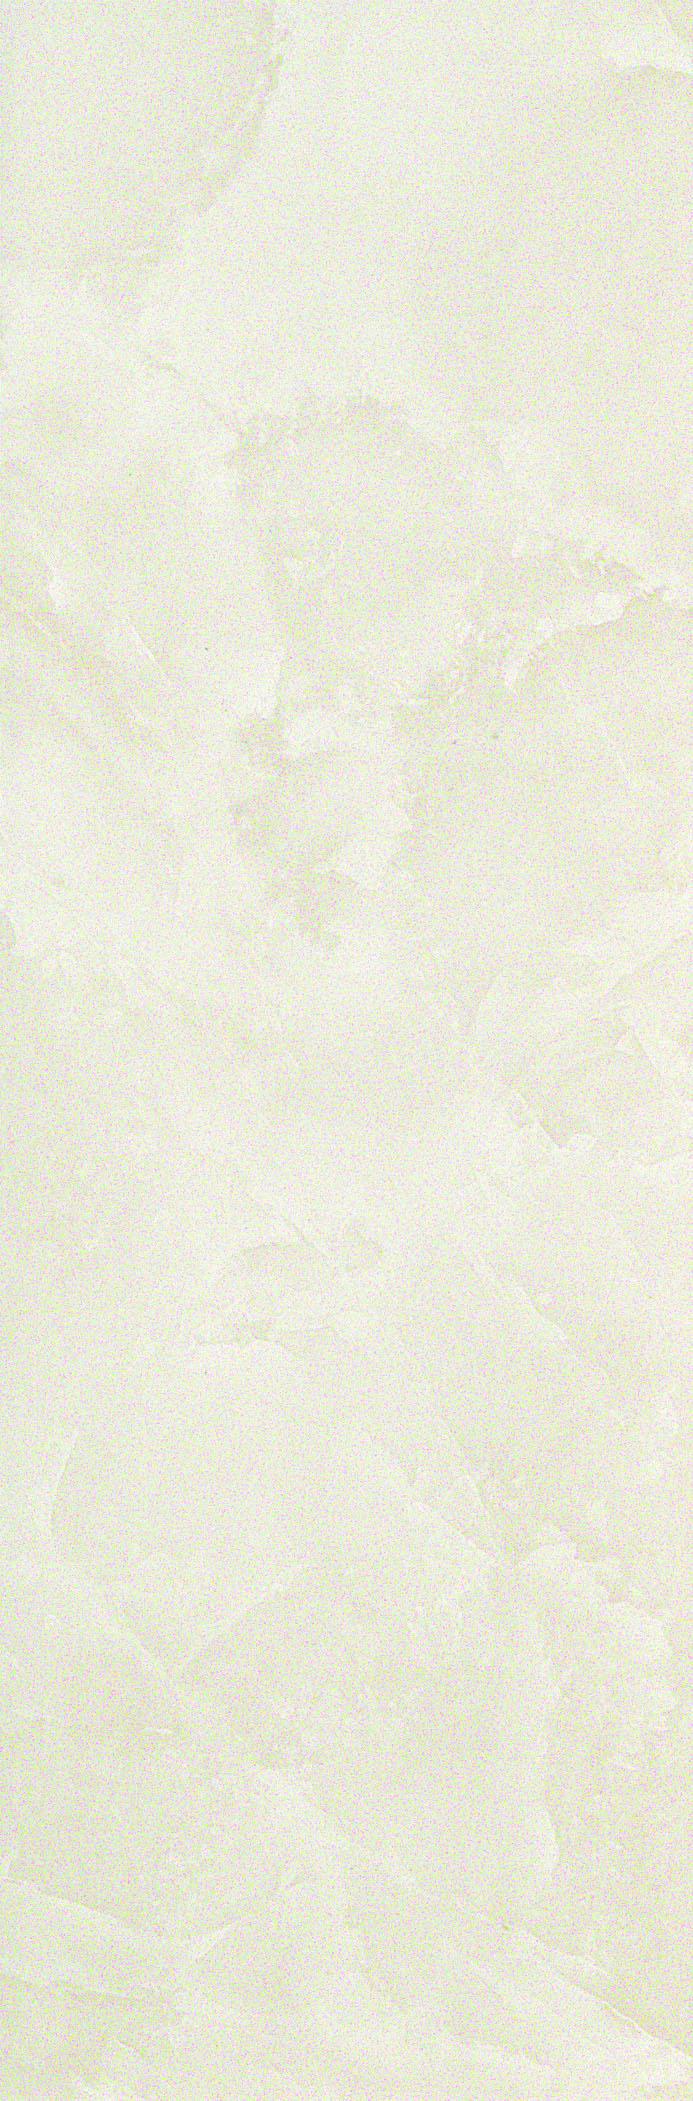 Настенная плитка Atlas Concorde Marvel +13499 Champagne Onyx 30,5x91,5 atlas concorde radiance sand matita 2x30 5